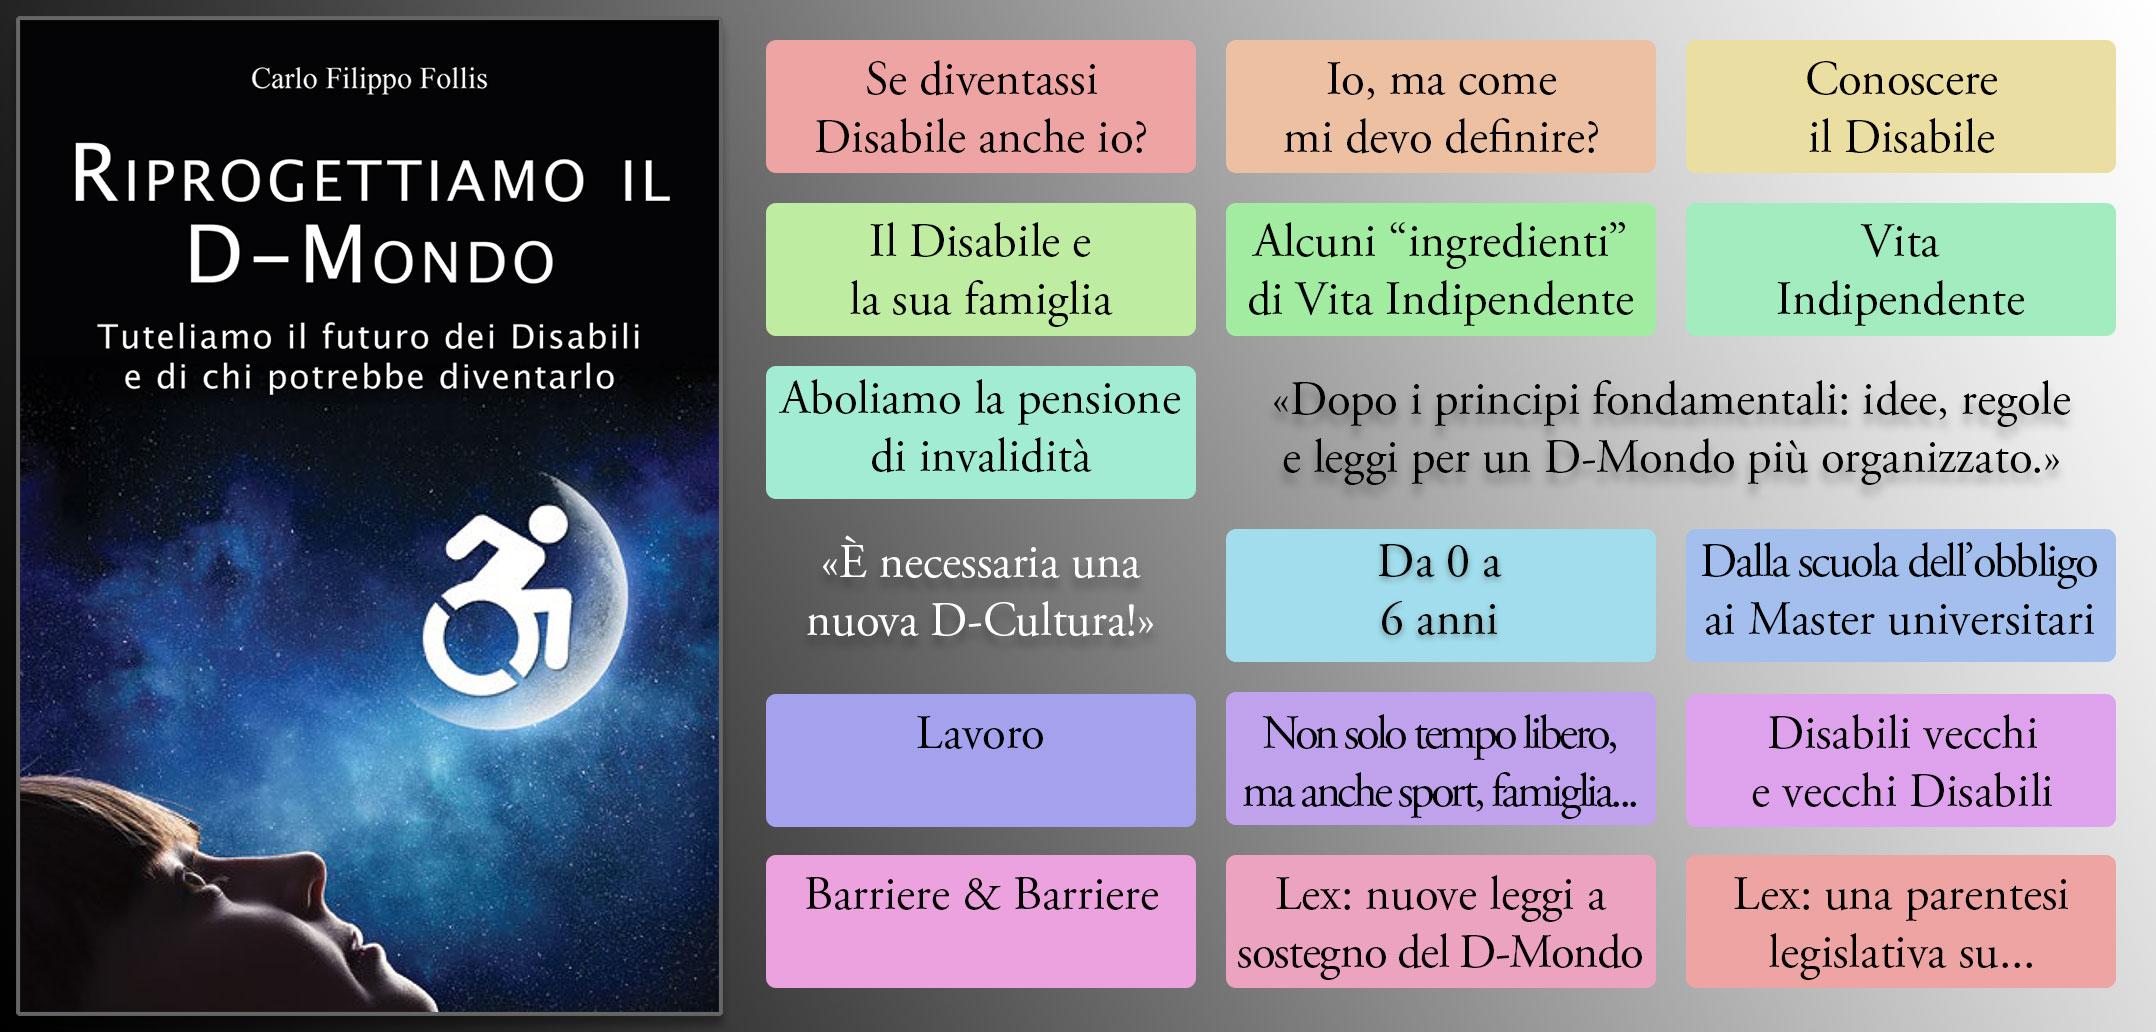 """Carlo Filippo Follis propone una sintesi del suo libro """"Riprogettiamo il D-Mondo"""""""